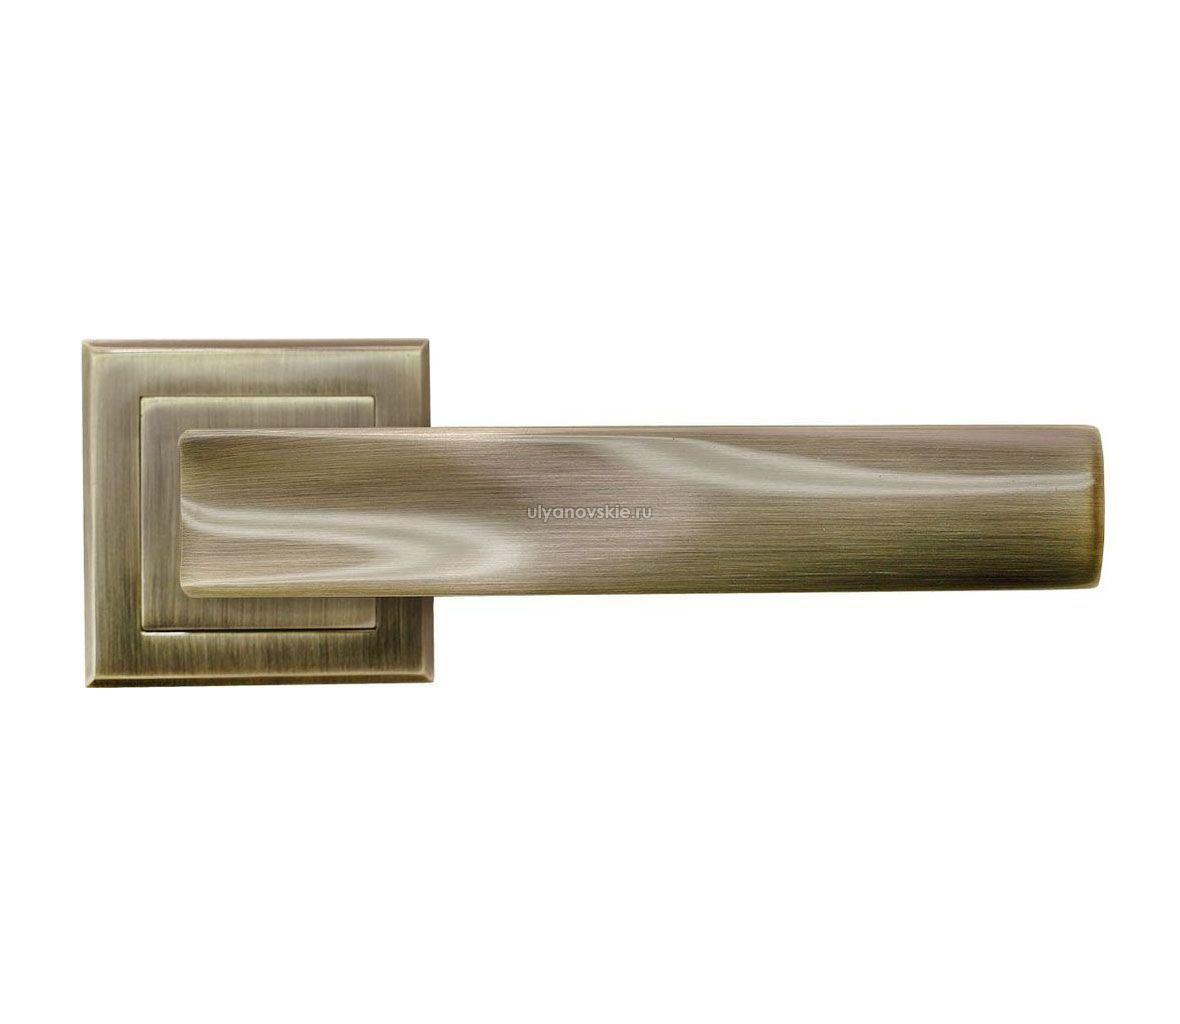 Ручка Rucetti RAP 14-S AB Античная бронза